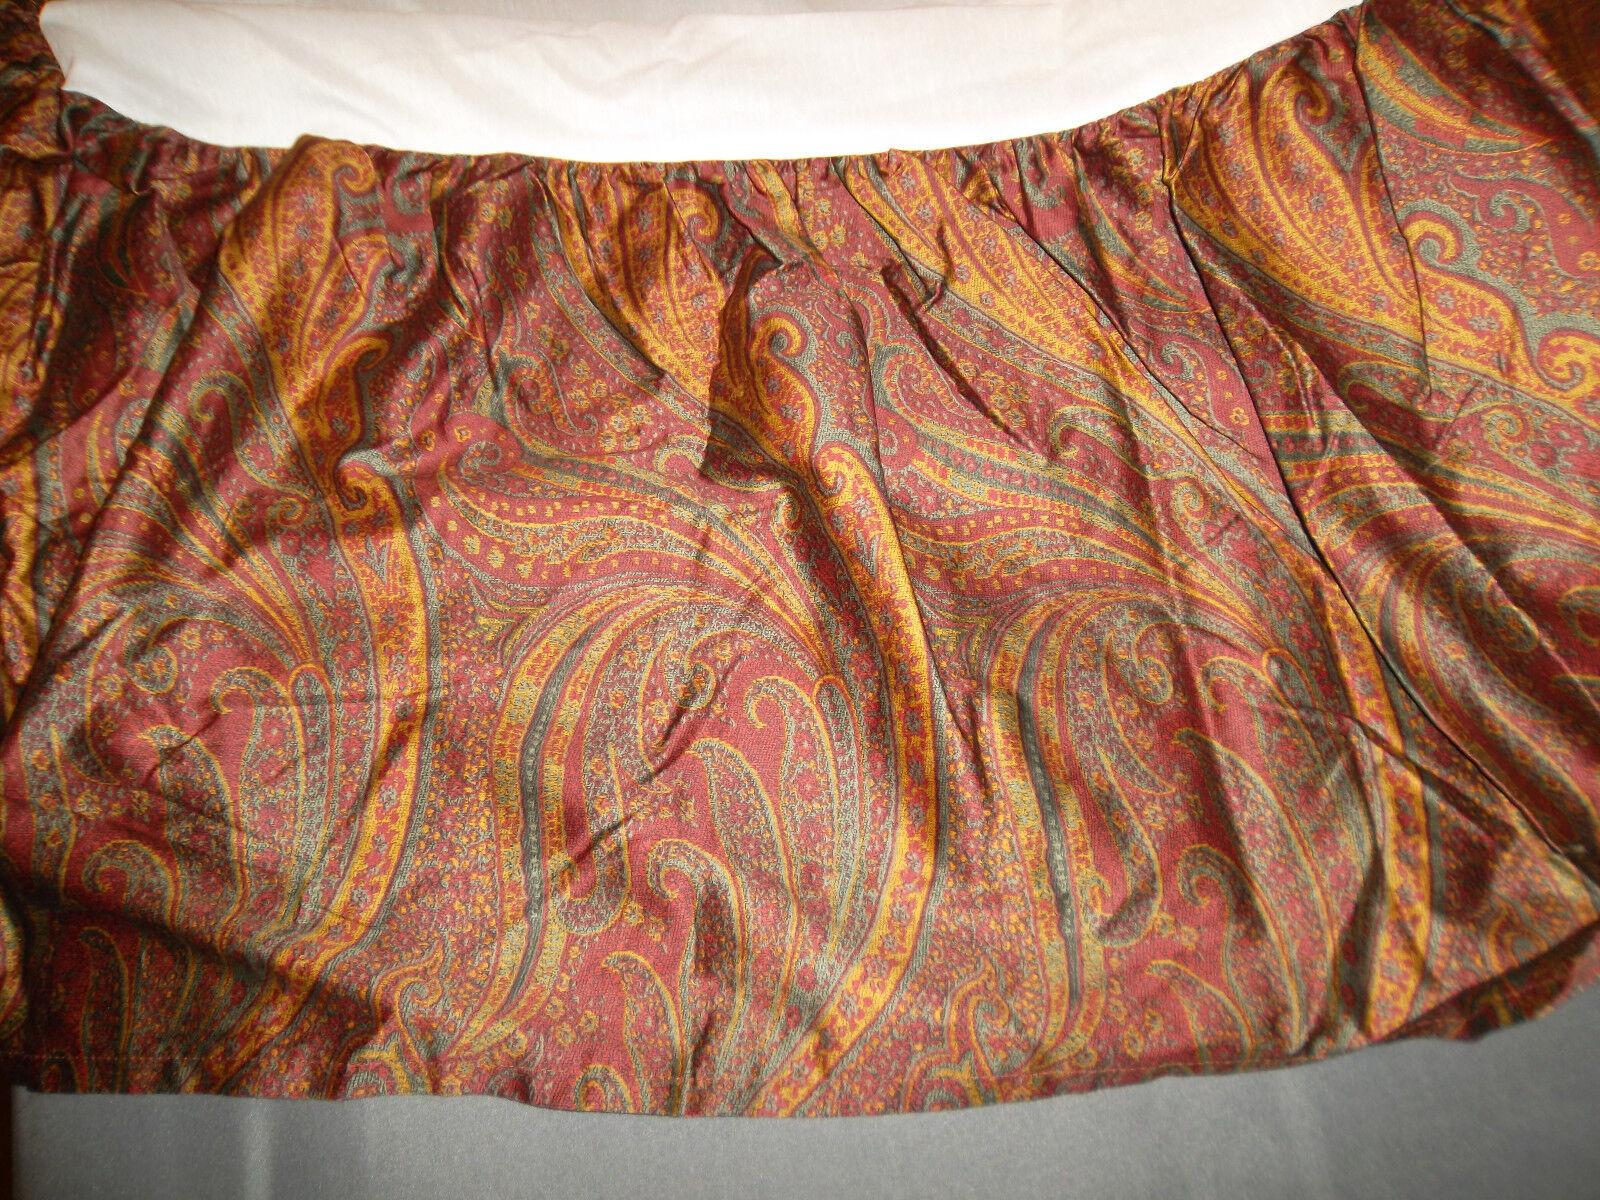 Ralph Lauren Home Great Barrington Paisley King Bed Skirt Burgundy Split Corner